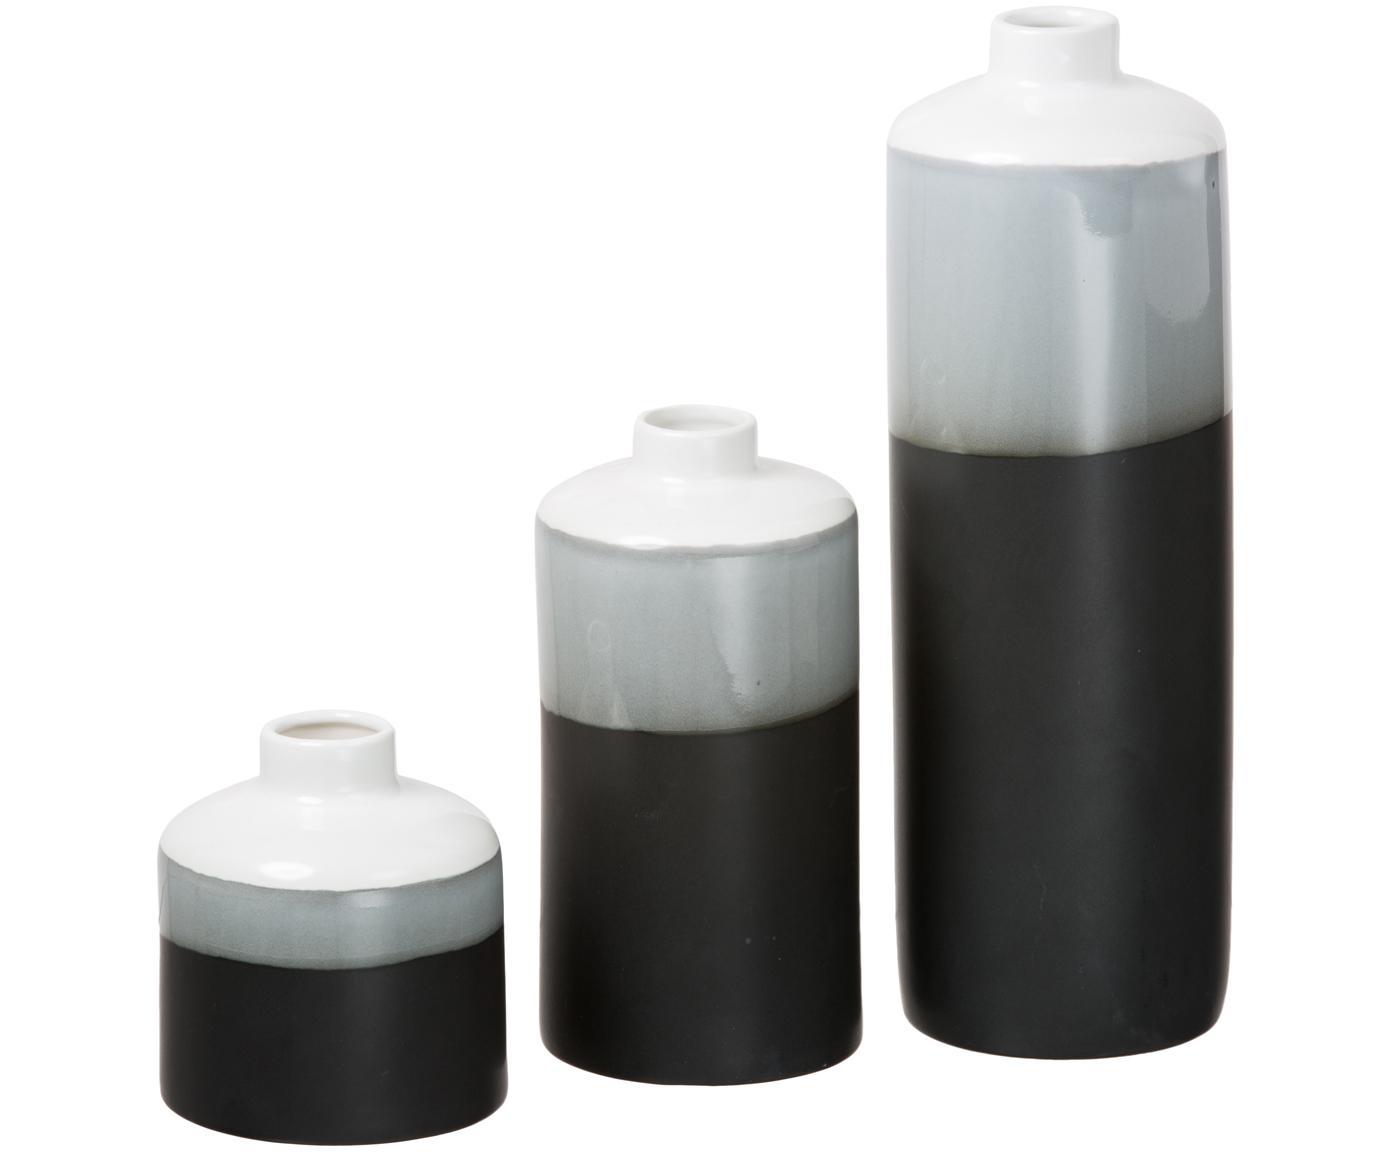 Set de jarrones de porcelana Brixa, 3pzas., Porcelana, Negro, gris, blanco, mate, Tamaños diferentes